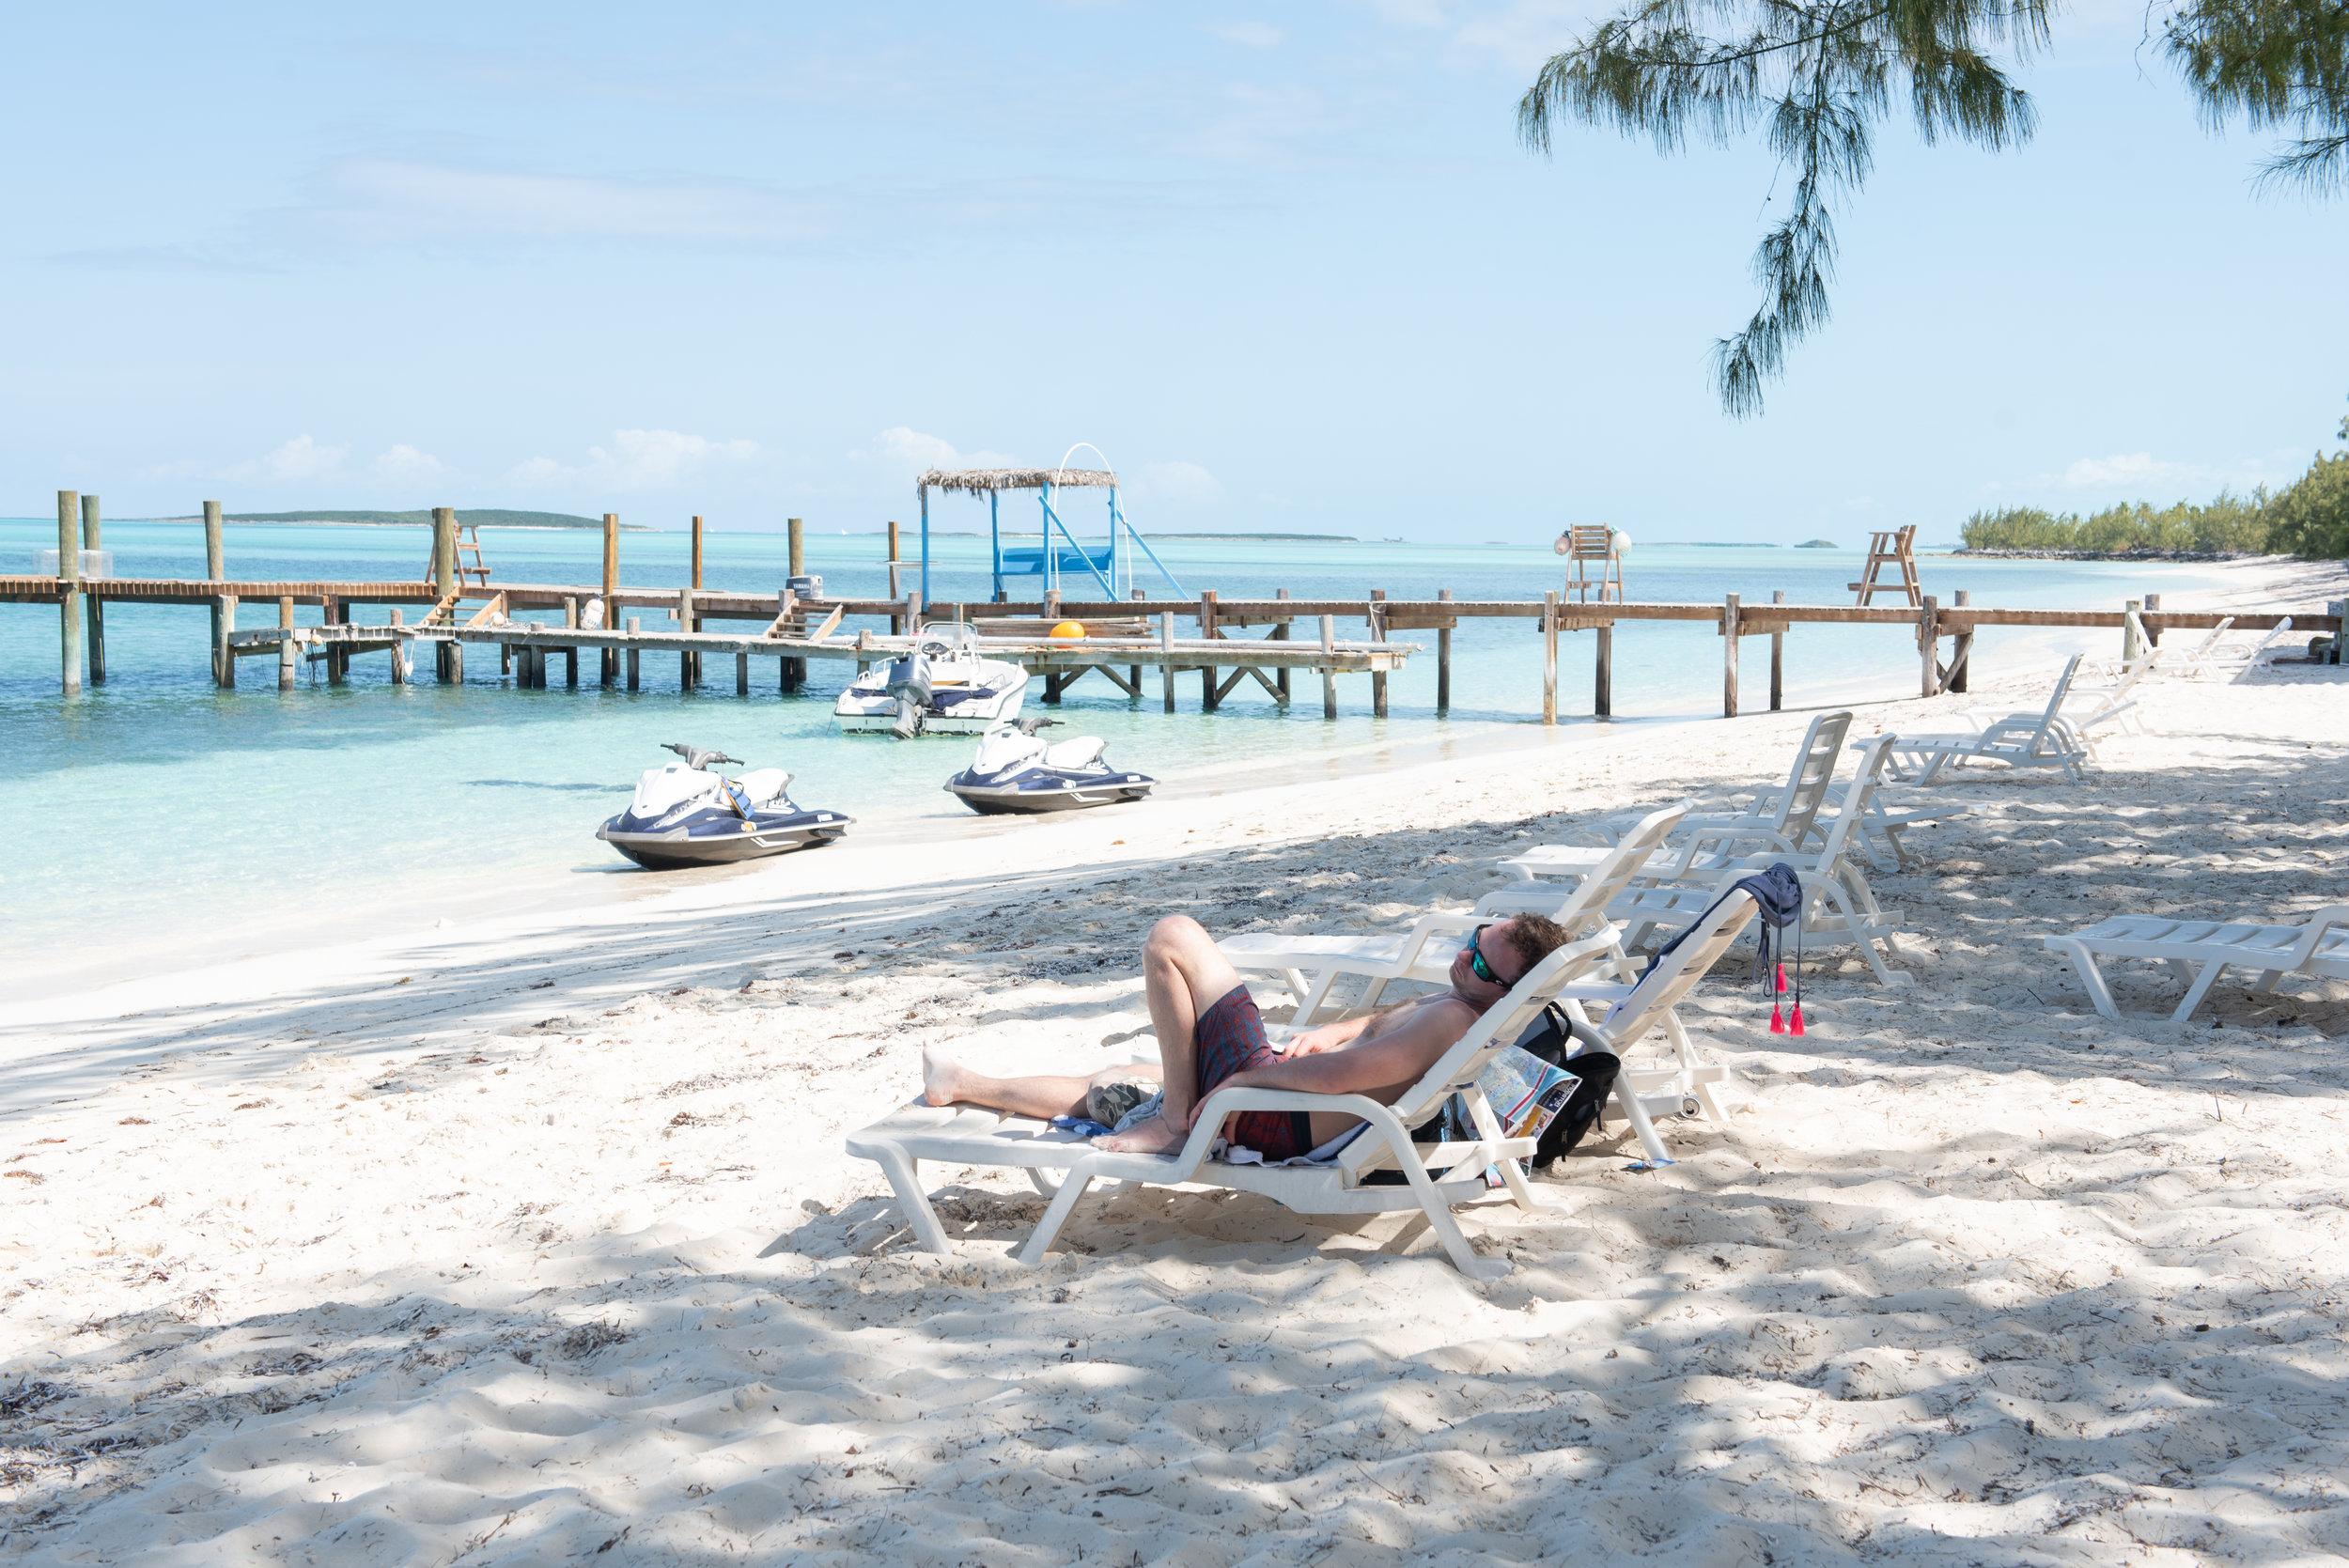 Exuma Bahamas 2019  (12 of 71).jpg